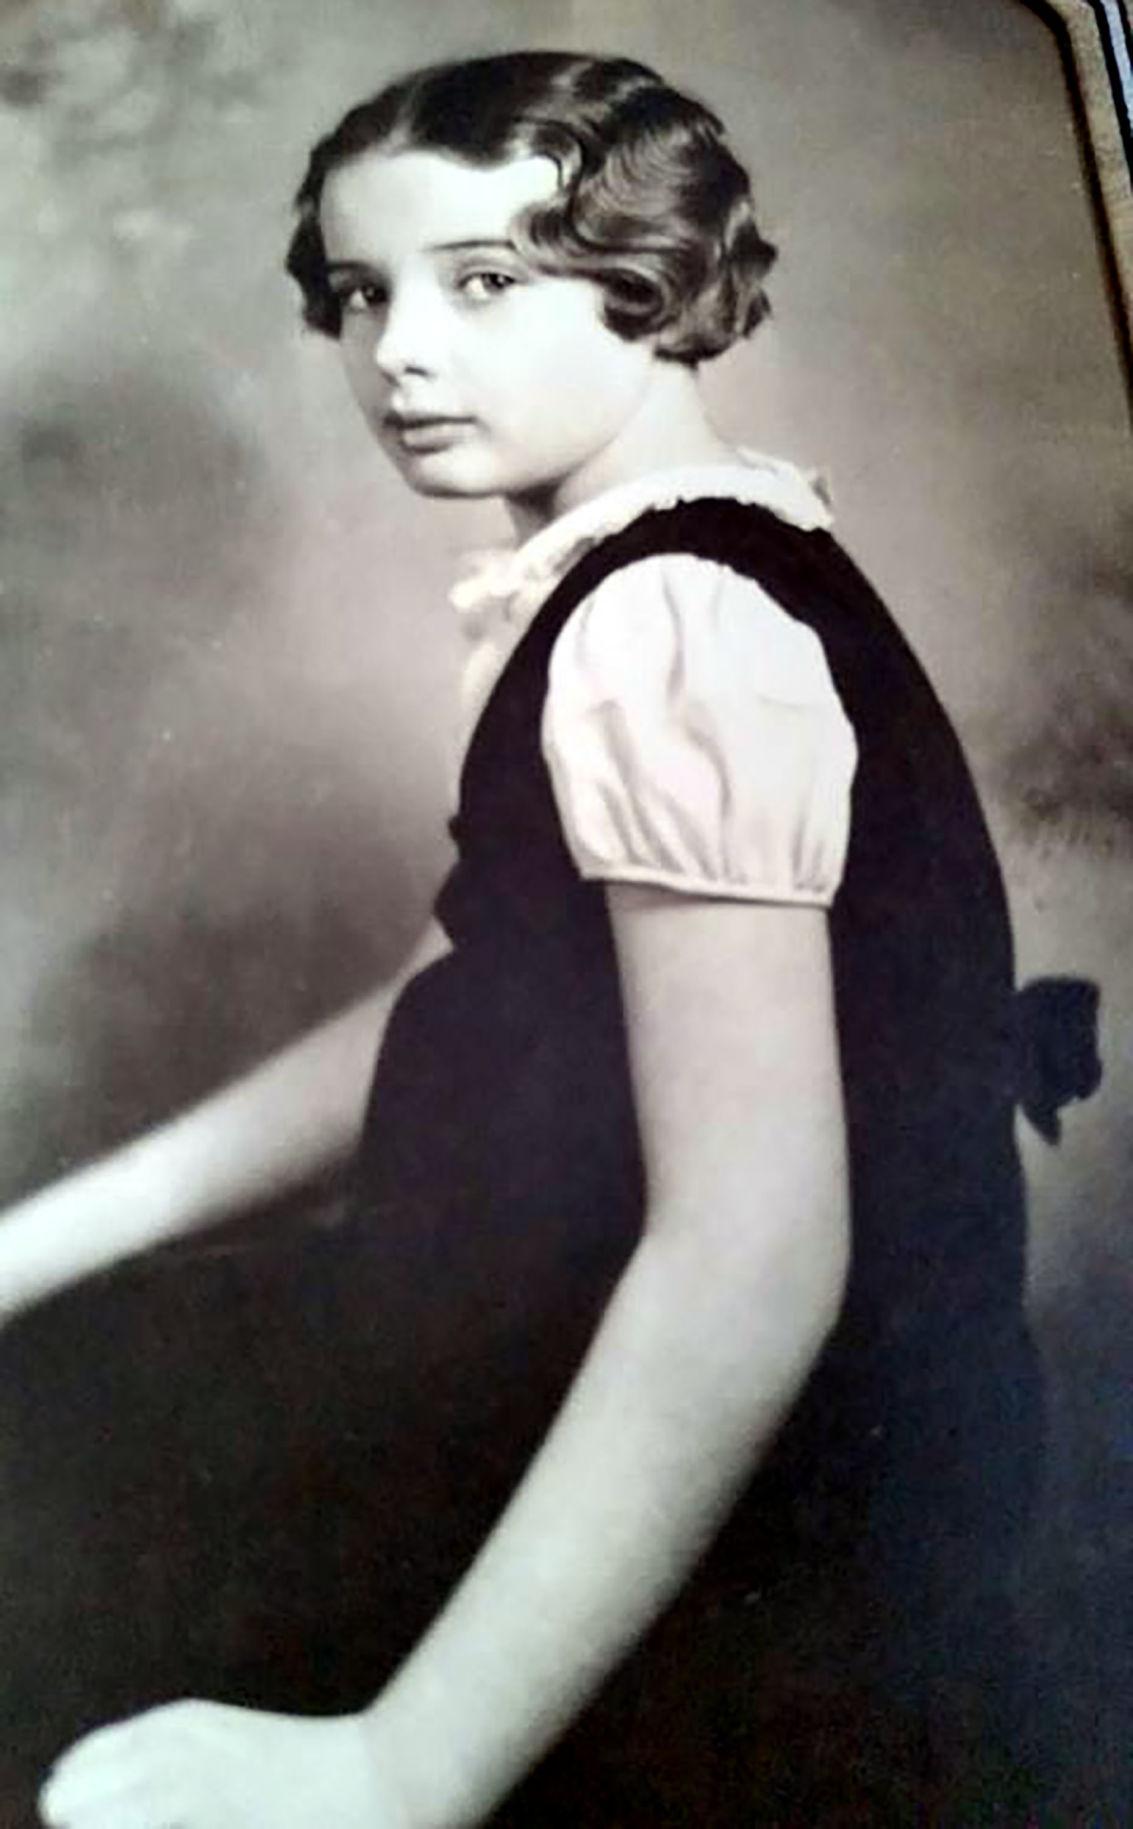 Mary Jane LaFollete